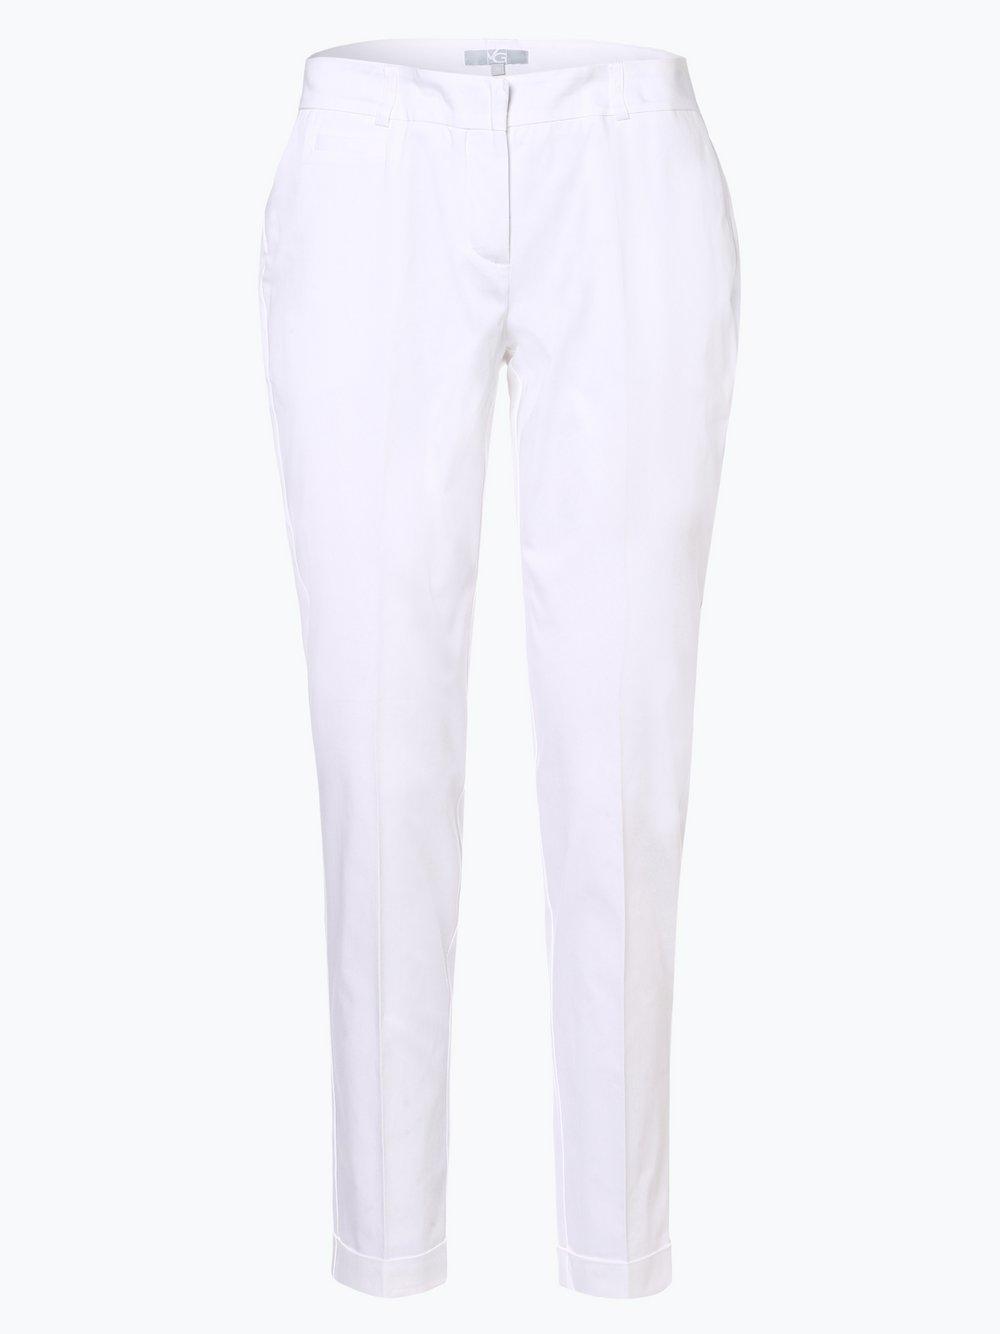 VG – Spodnie damskie, biały Van Graaf 439628-0004-00440